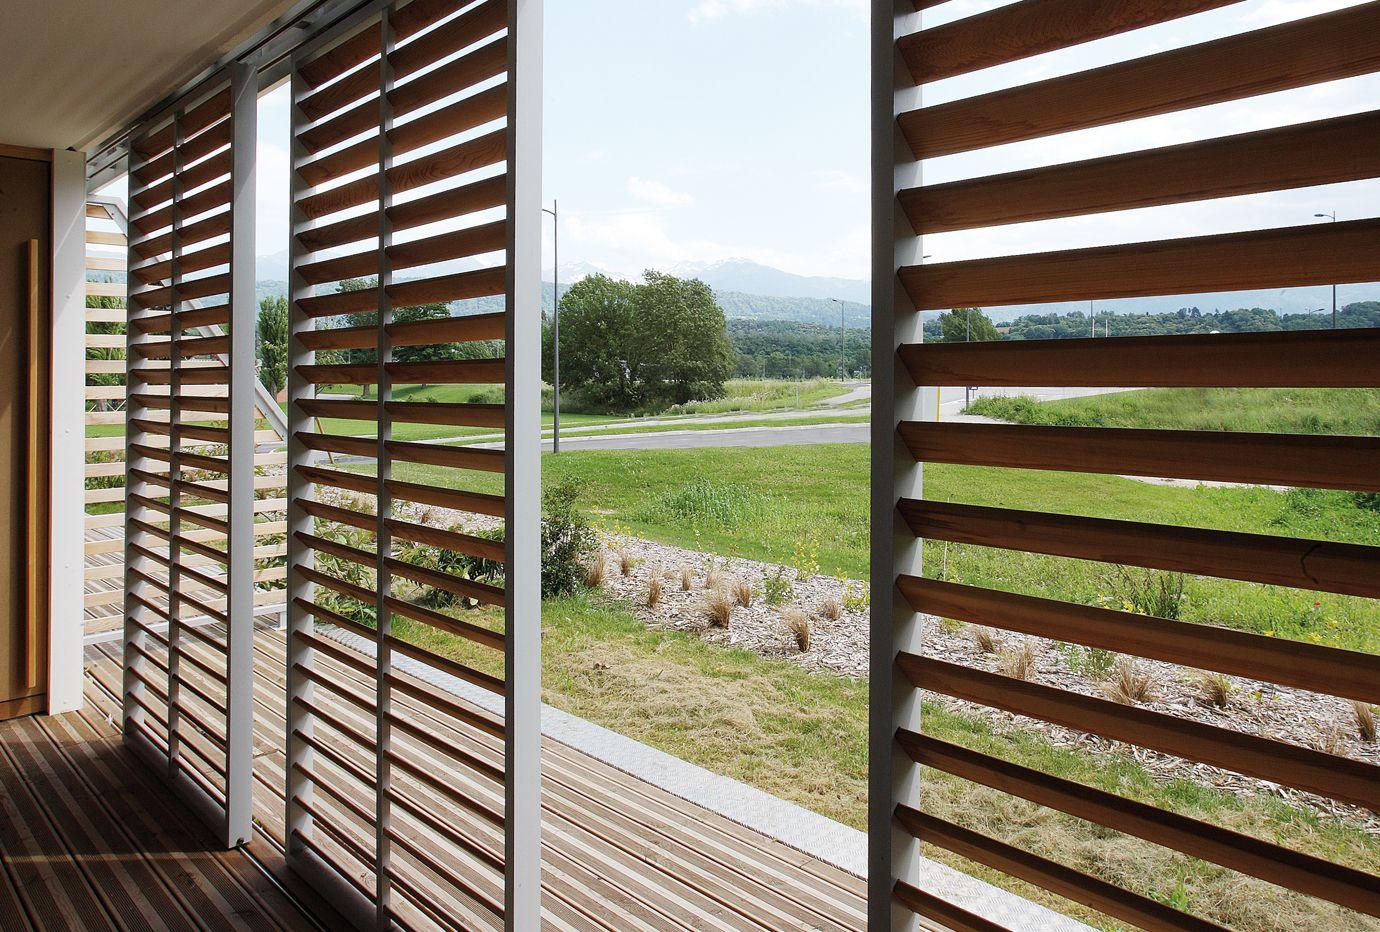 panneaux coulissants loggia renson exterieur terrasse jardin balcon pinterest panneau. Black Bedroom Furniture Sets. Home Design Ideas